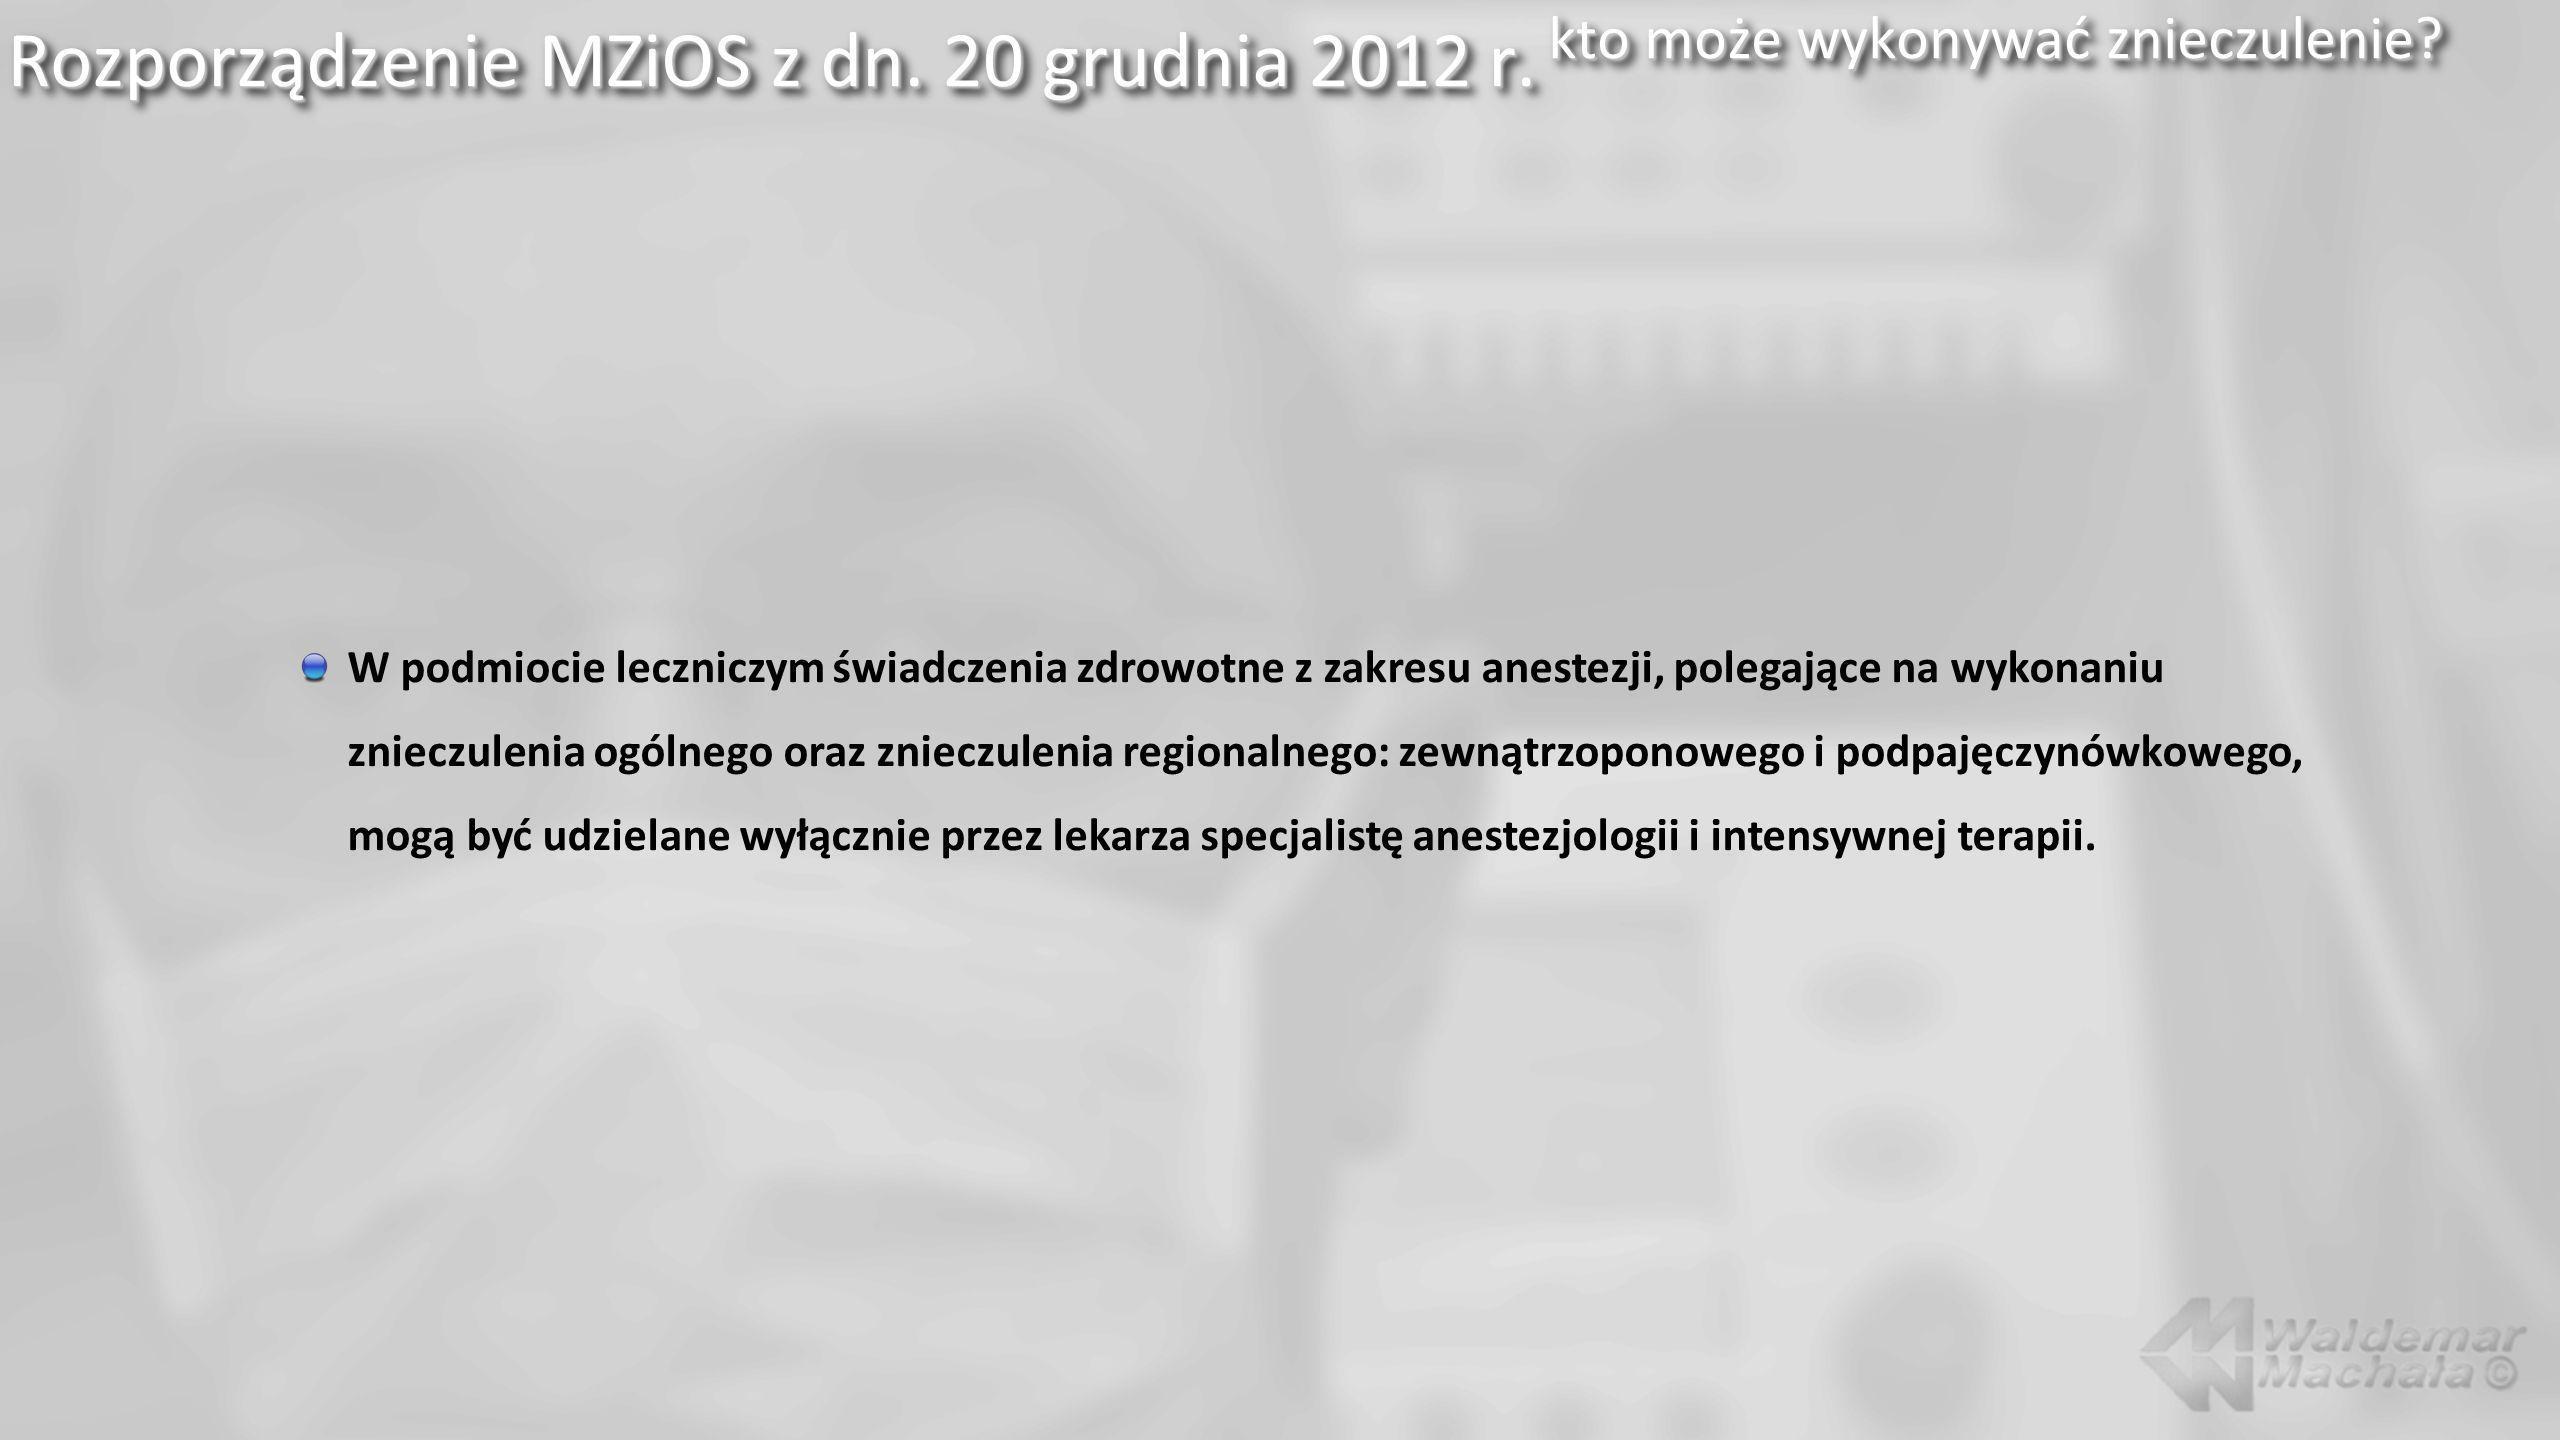 Rozporządzenie MZiOS z dn. 20 grudnia 2012 r. kto może wykonywać znieczulenie? W podmiocie leczniczym świadczenia zdrowotne z zakresu anestezji, poleg